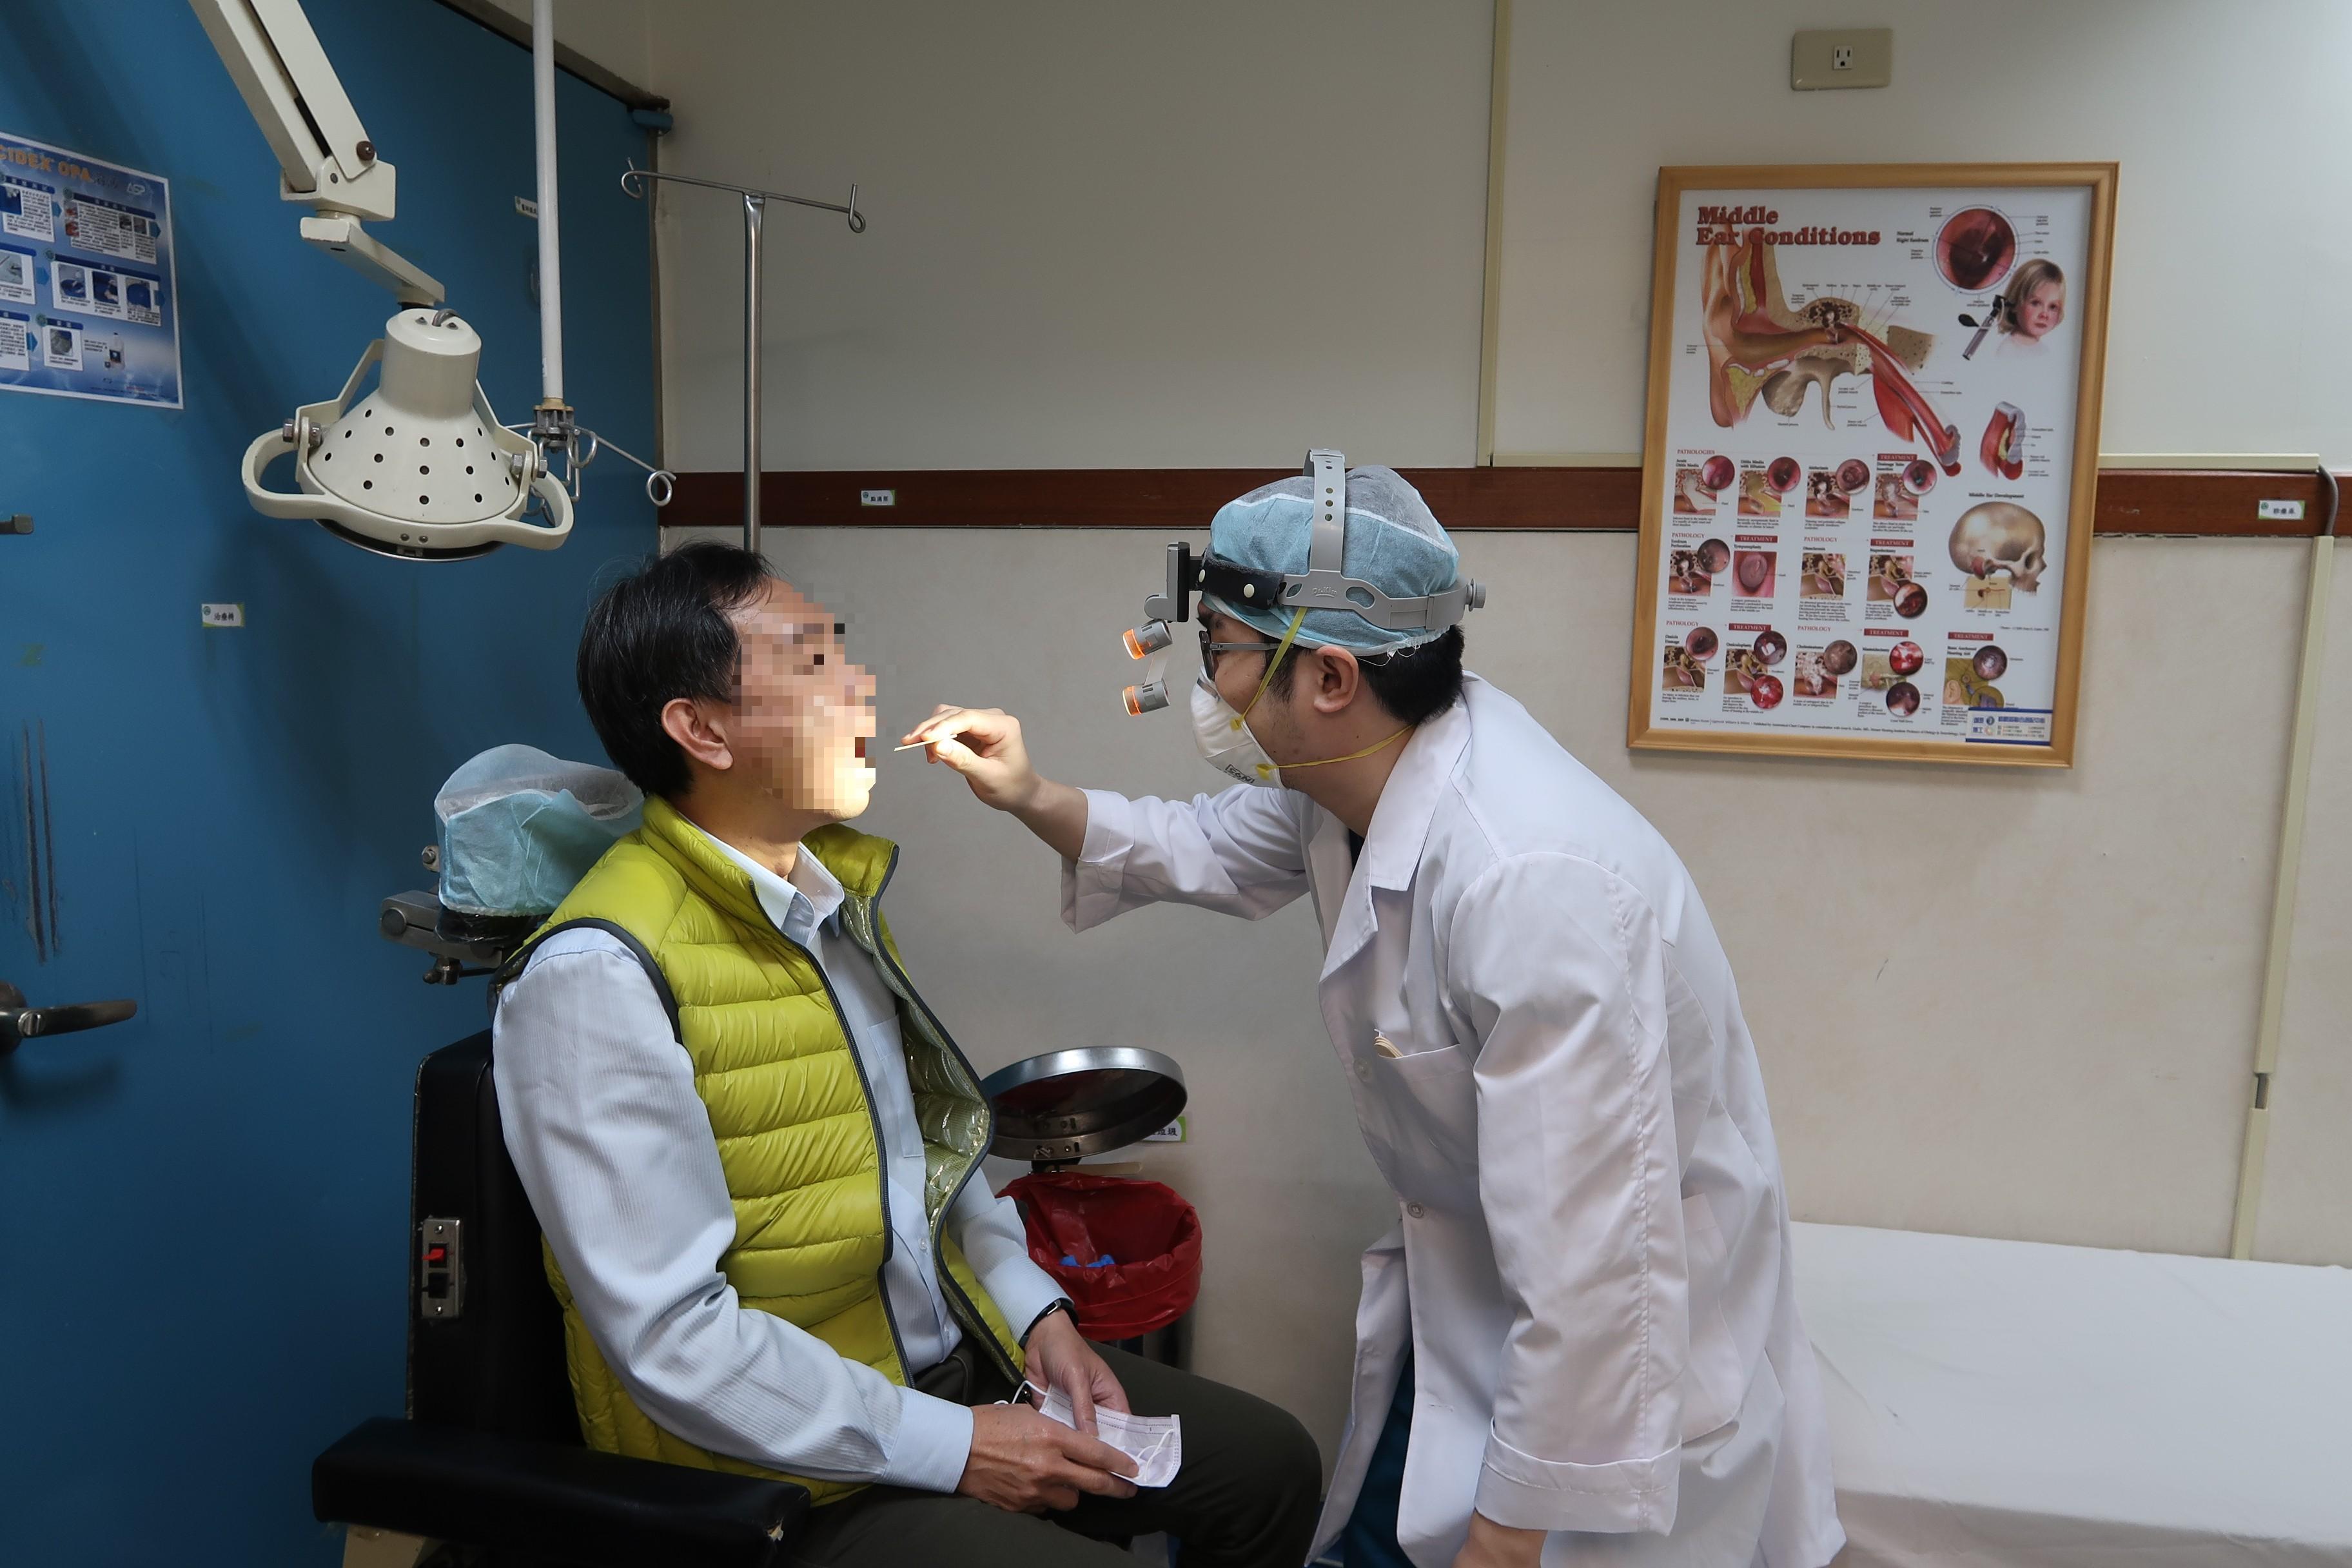 台灣南投縣張姓男子常因有異物感清喉嚨發出聲音,引人側目,親友甚至憂心是肺炎症狀,張為此就醫意外診出是,長期胃酸逆流而引發「慢性咽喉炎」。(圖:南基醫院提供)